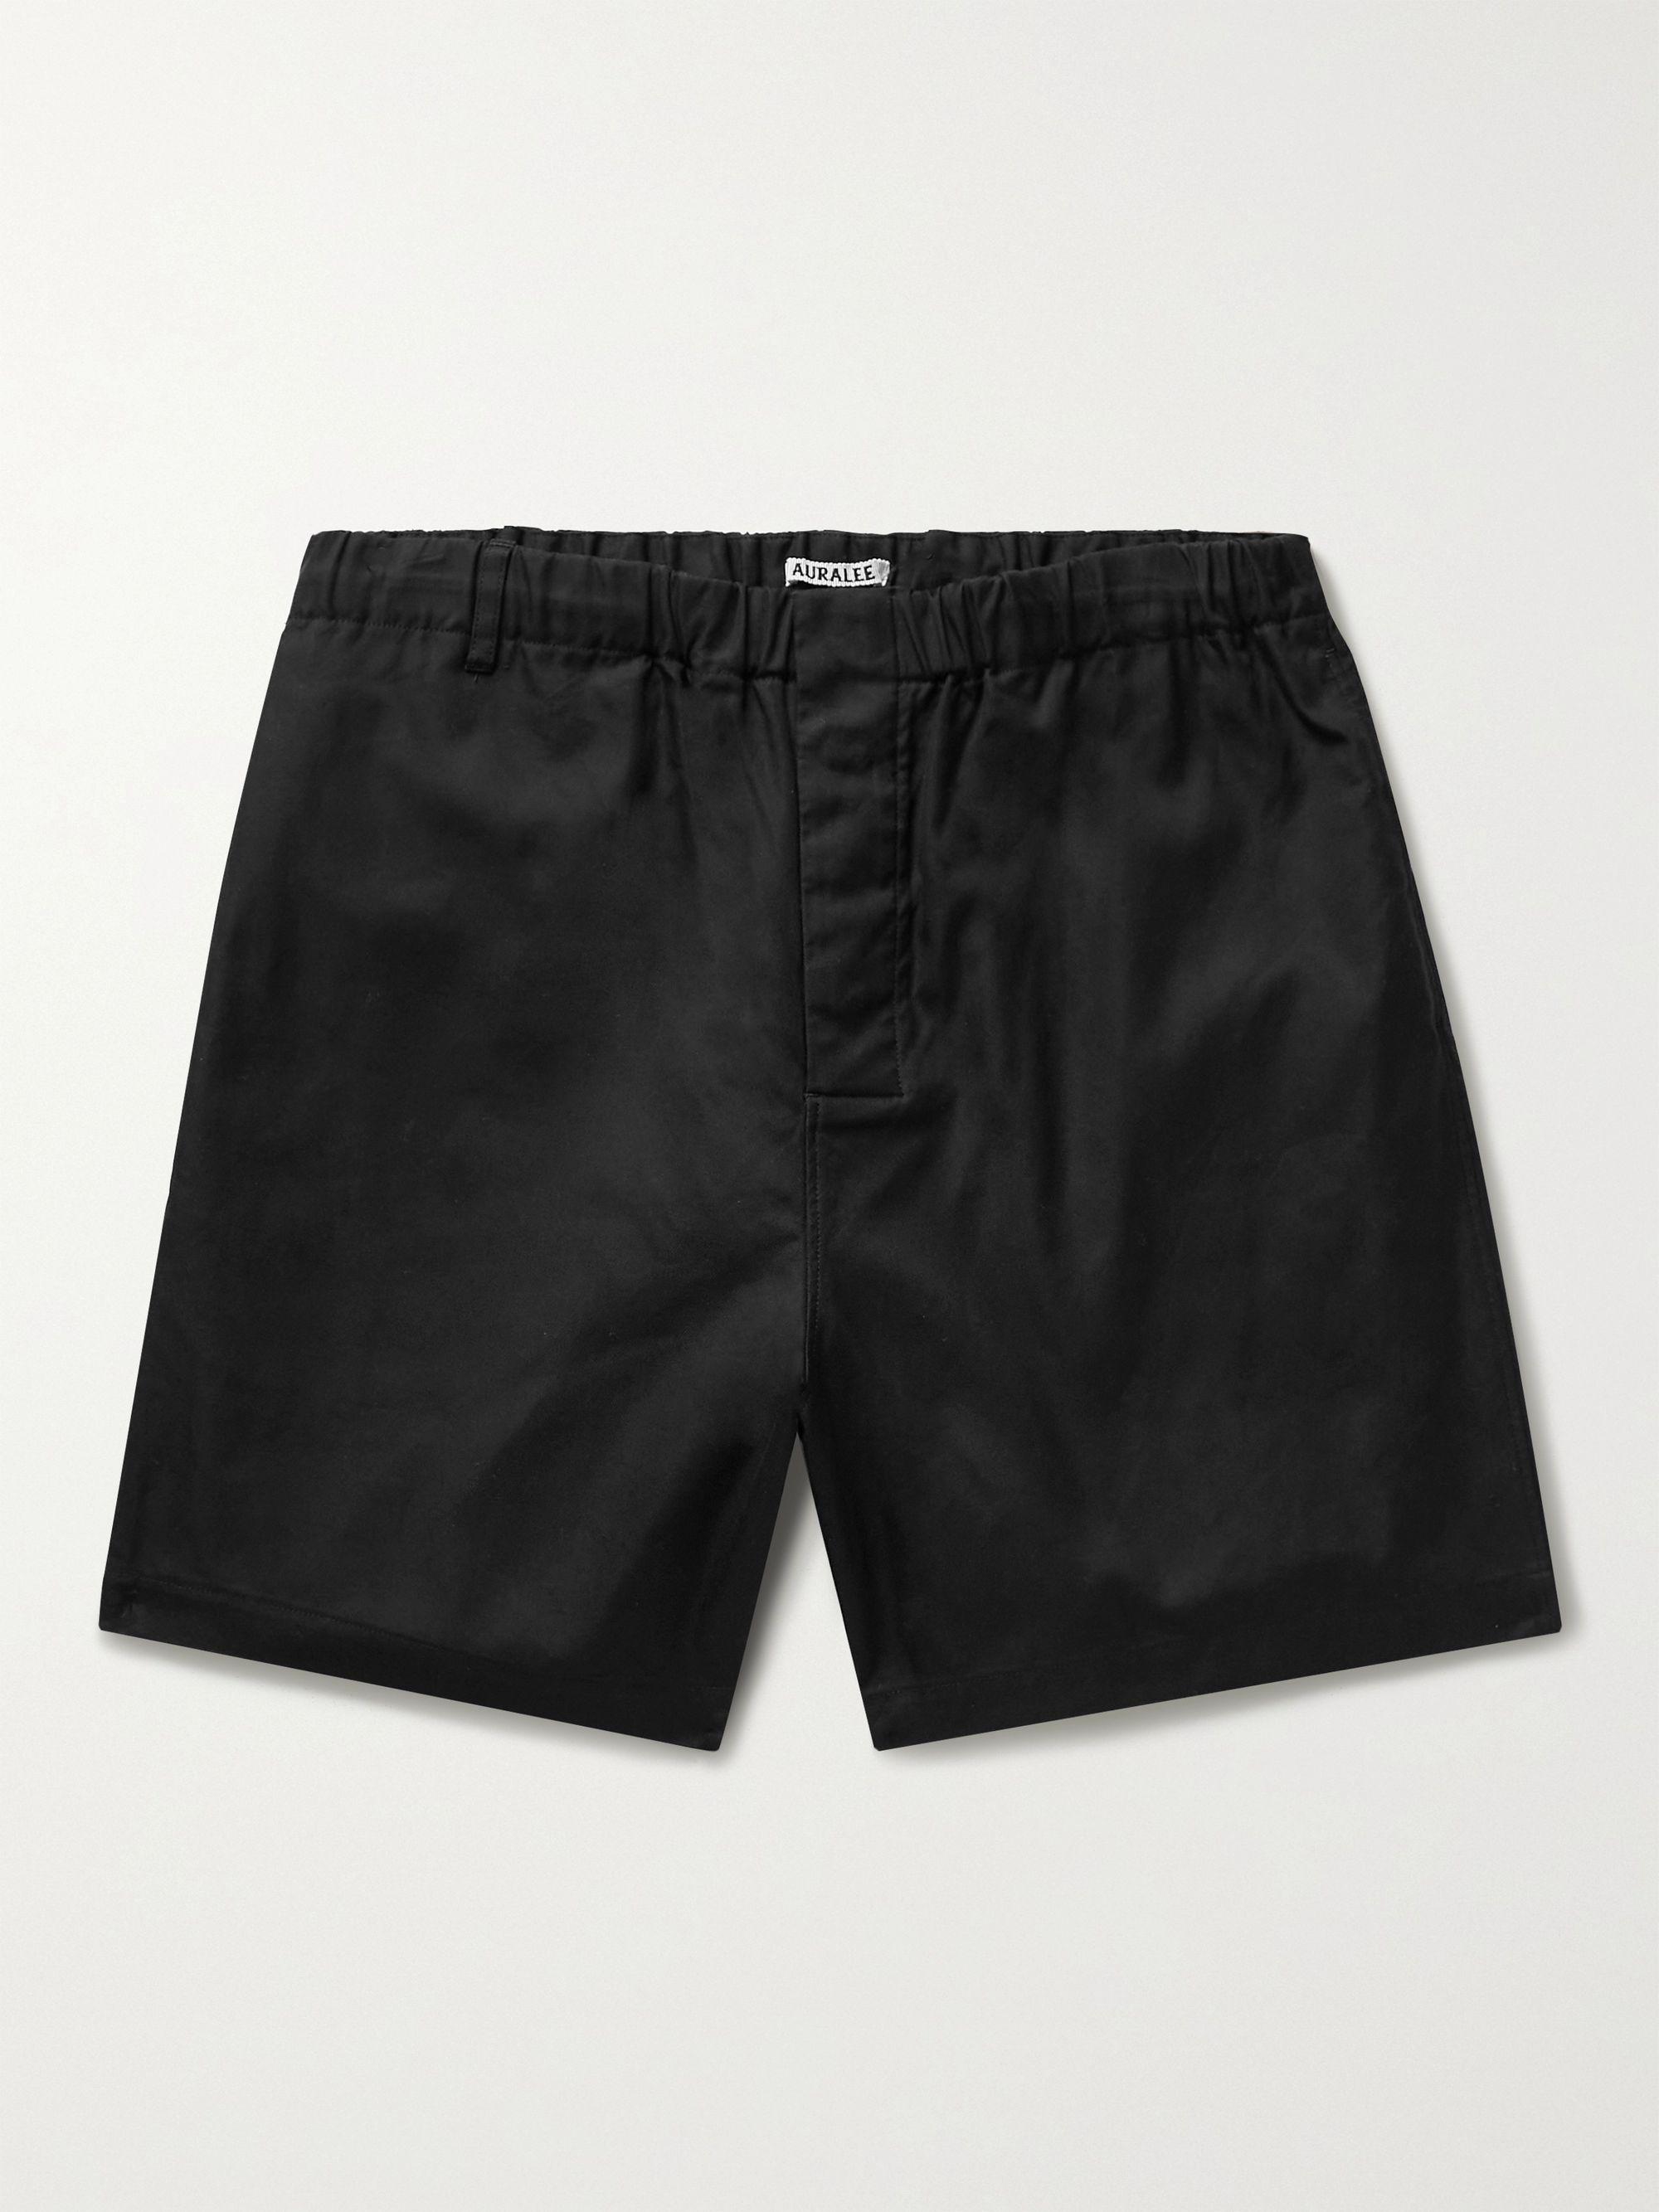 오라리 반바지 AURALEE Finx Shuttle Cotton Oxford Shorts,Black